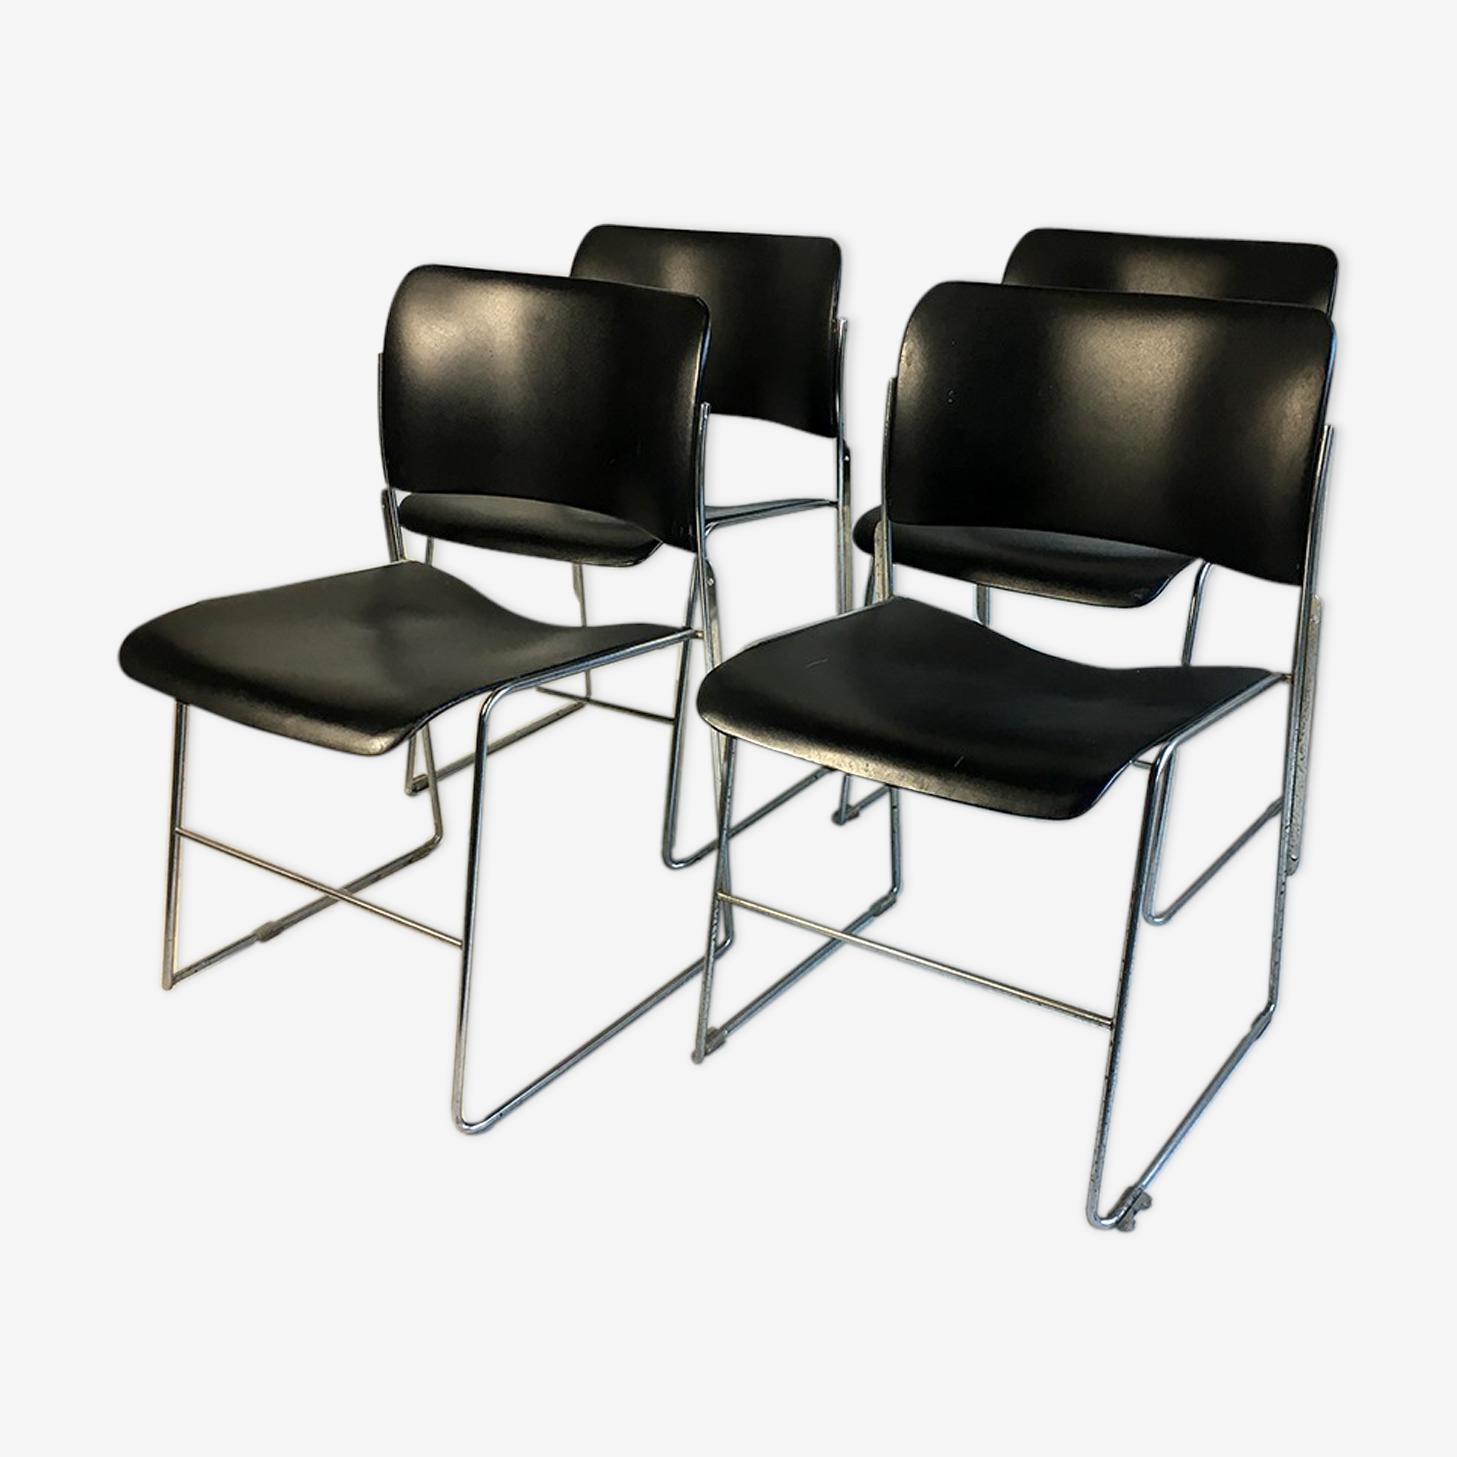 Ensemble de 4 chaises 40/4 par David Rowland pour General Fireproofing